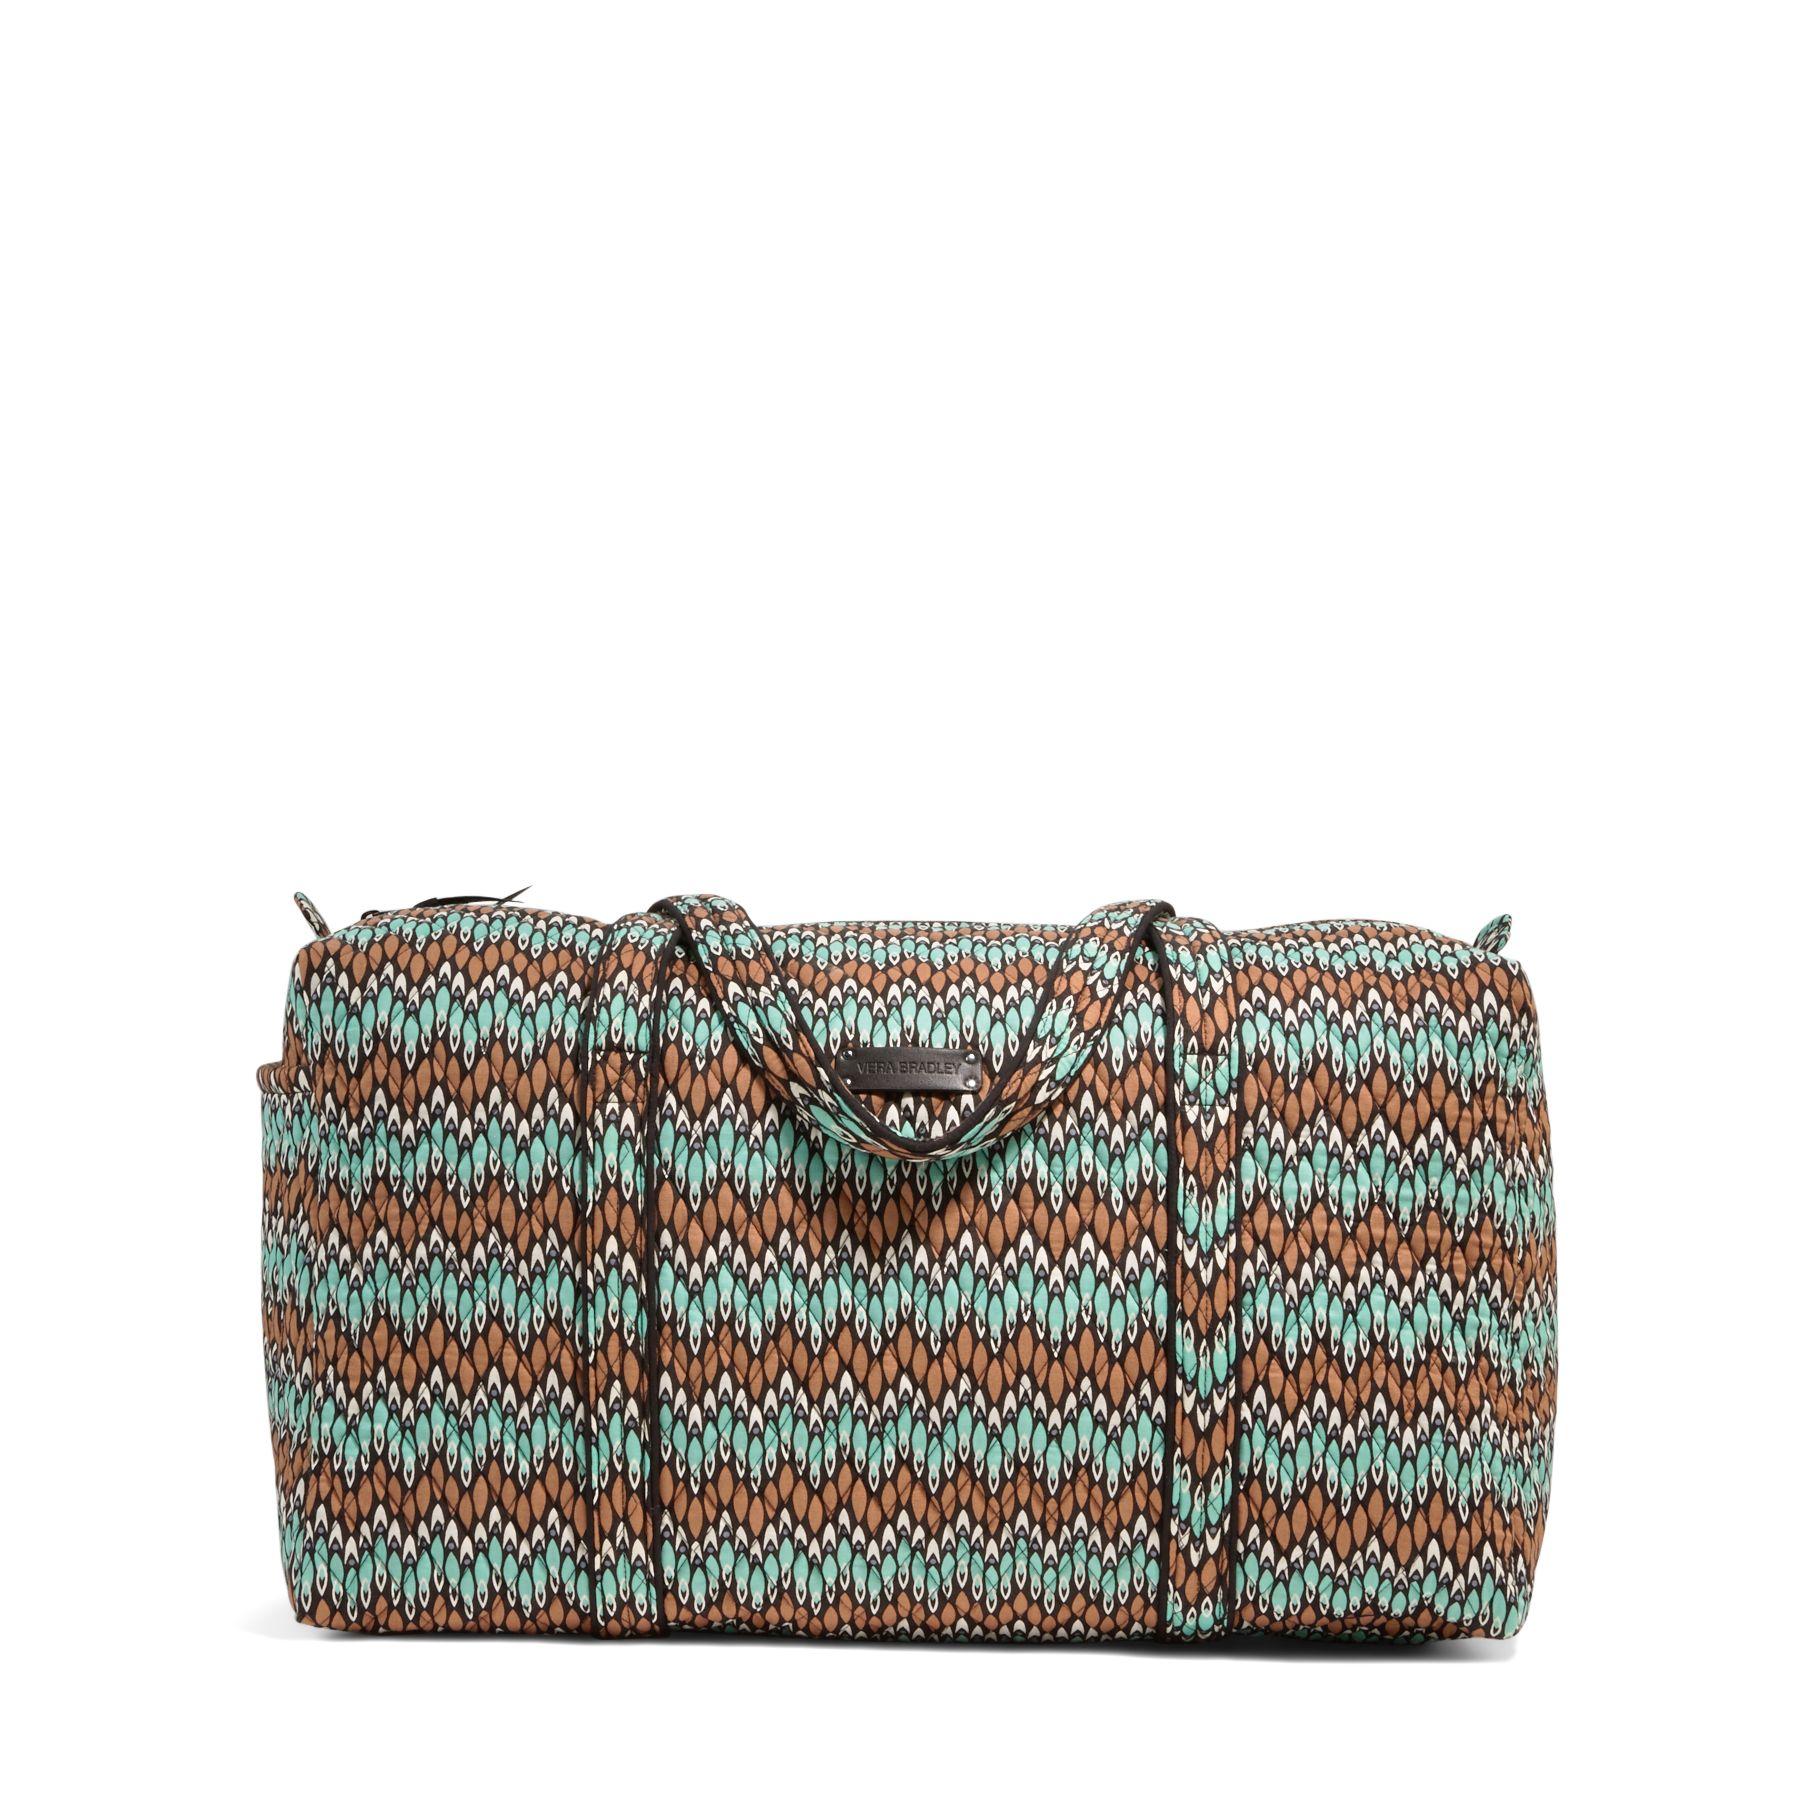 Large Duffel Travel Bag In Marrakesh